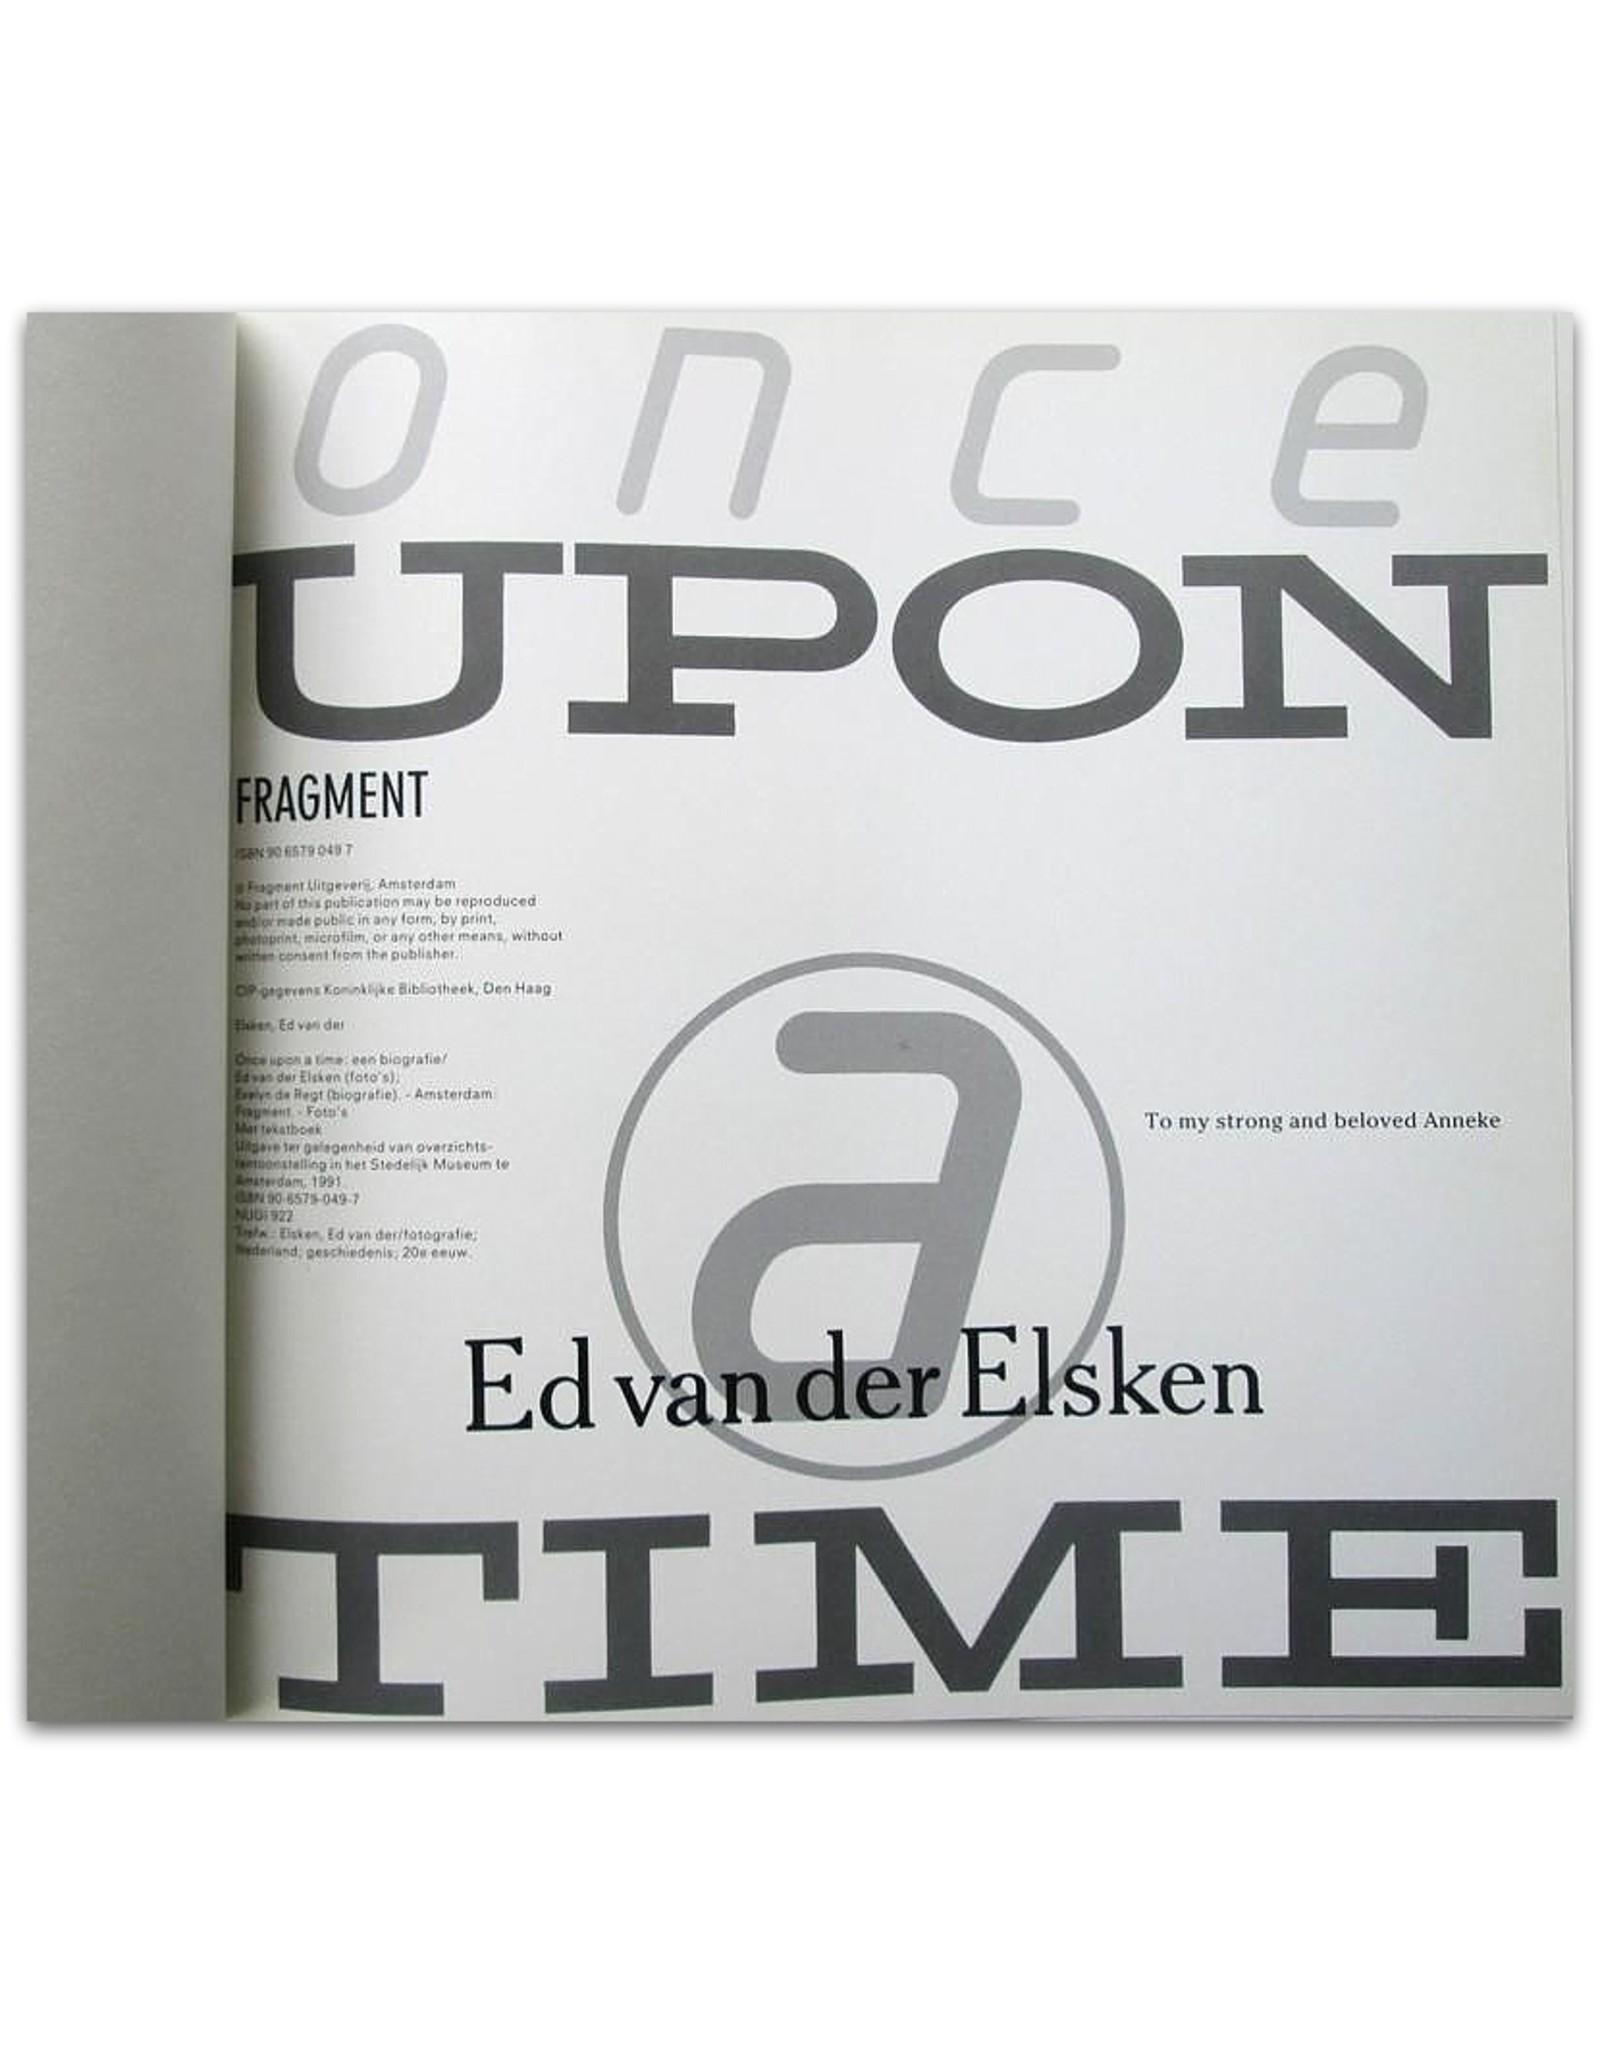 Ed van der Elsken - Once upon a time